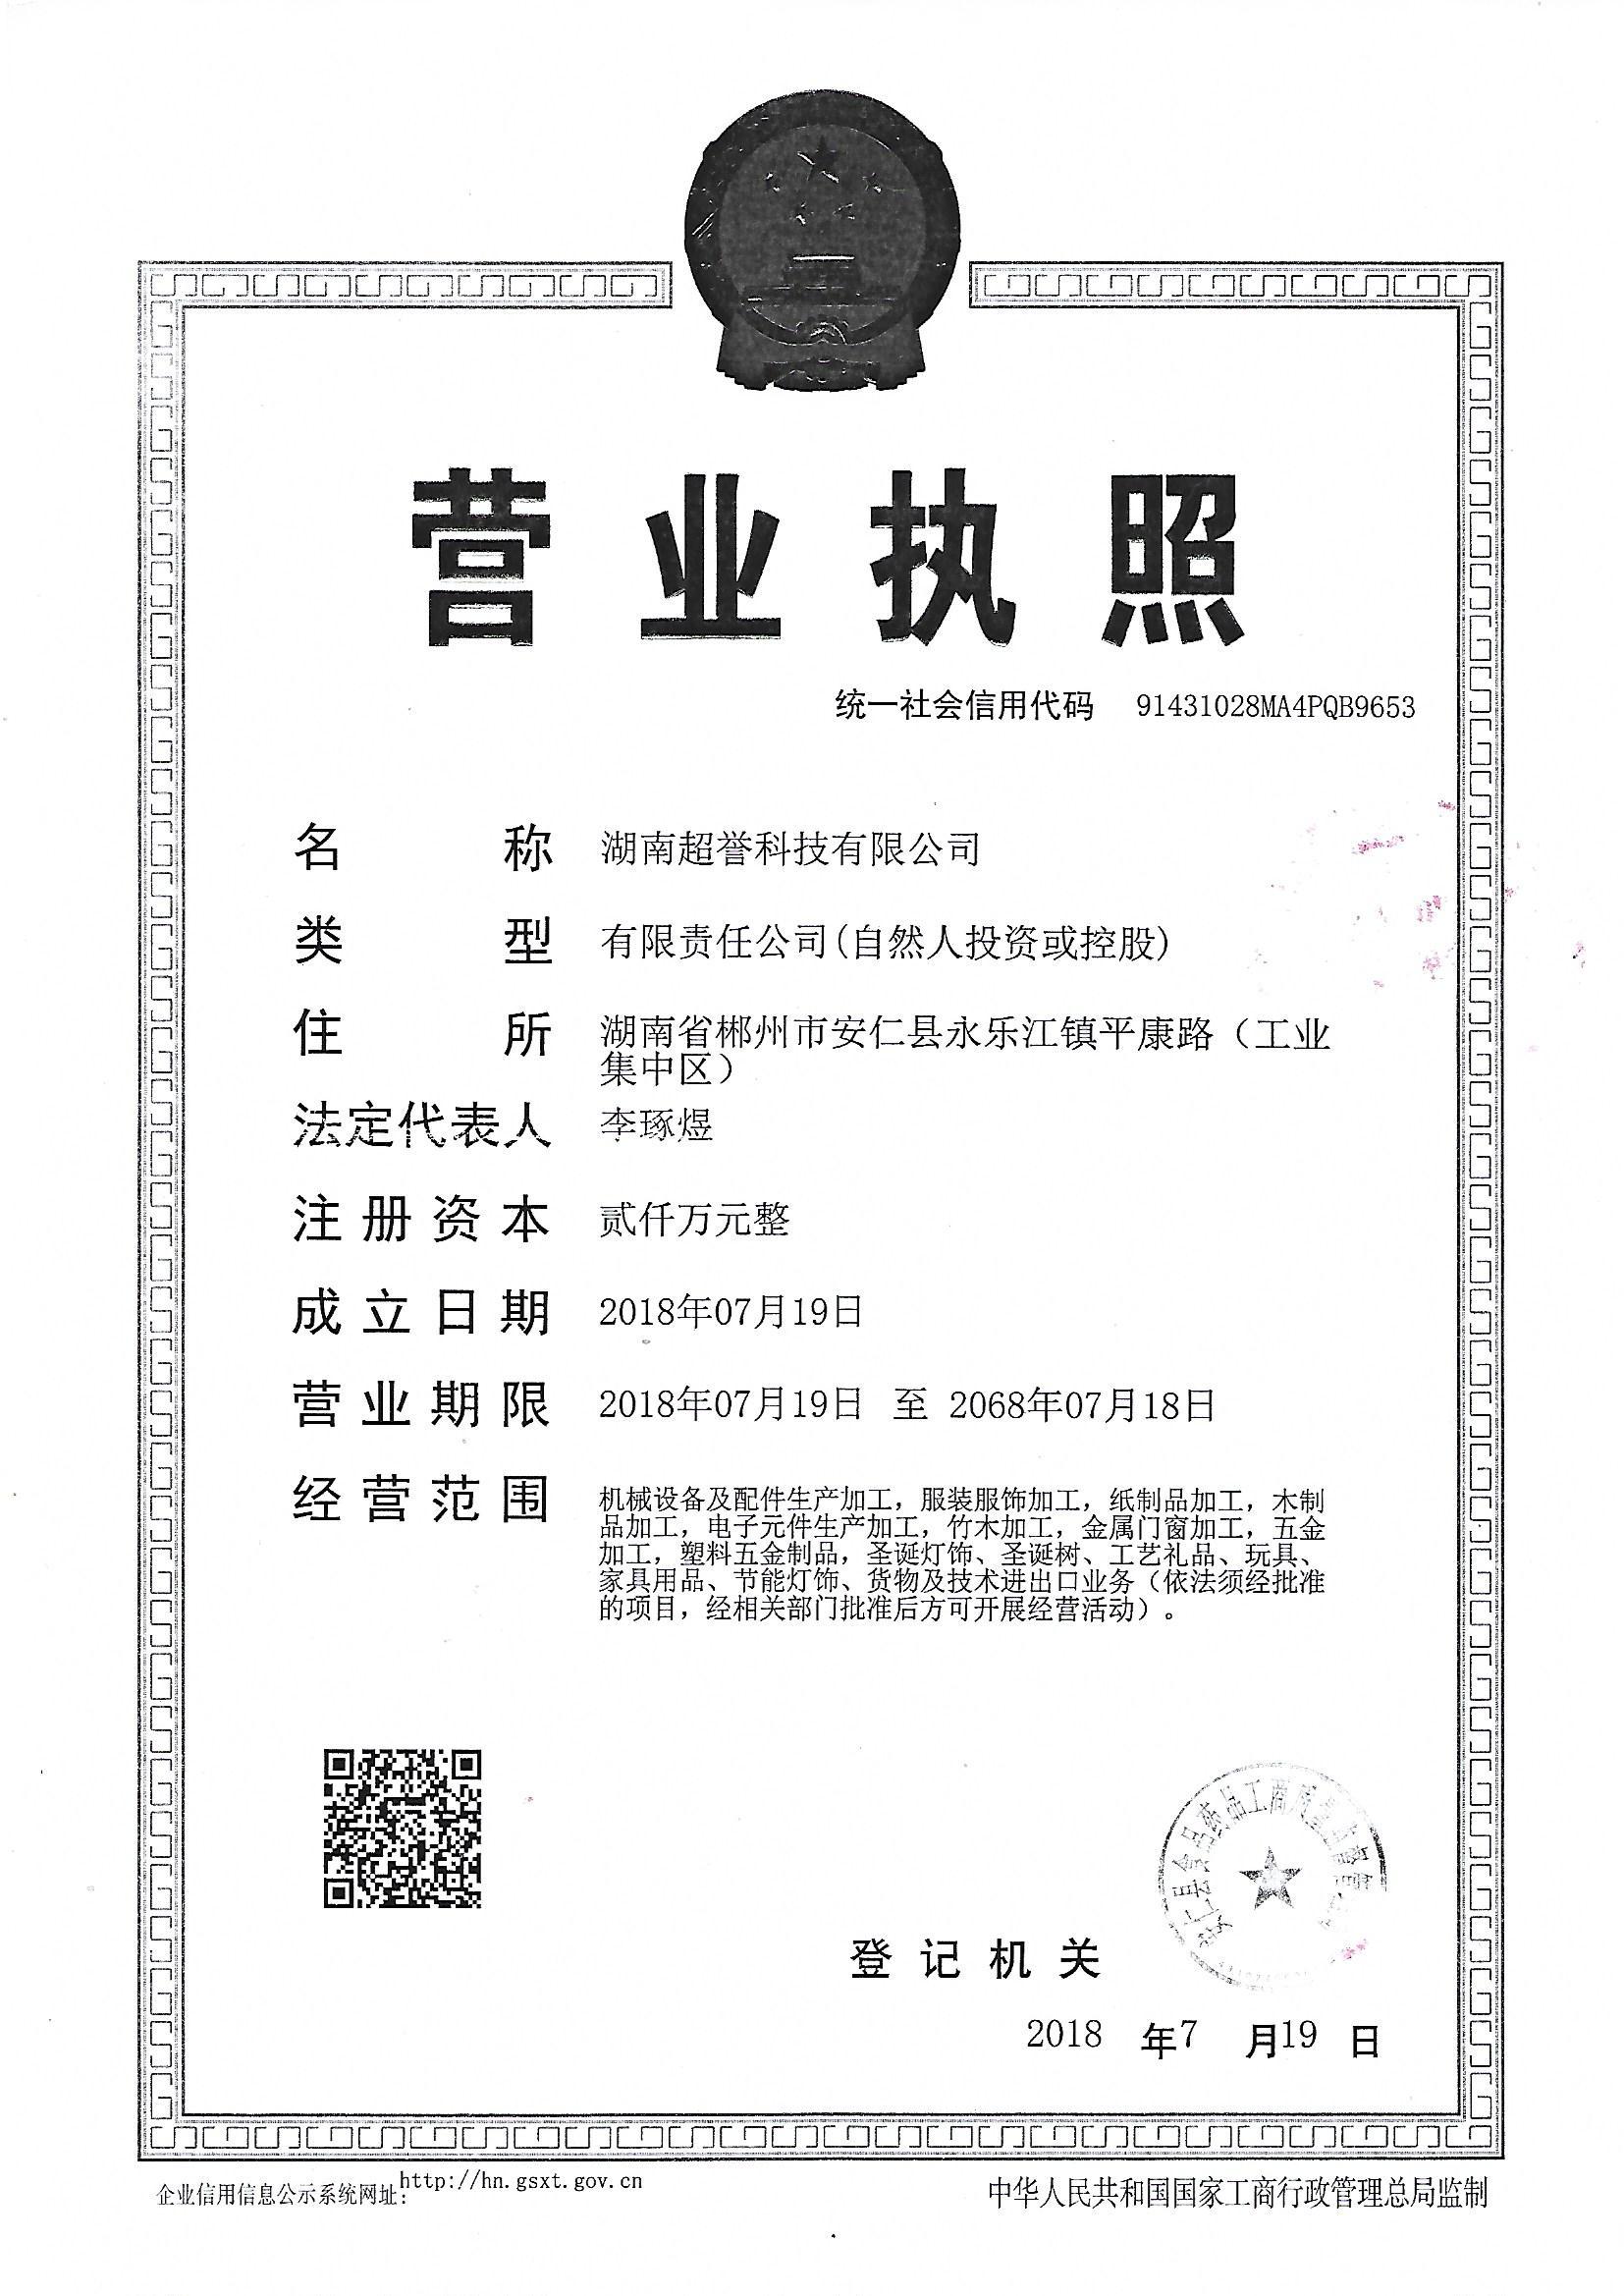 湖南超誉科技有限公司